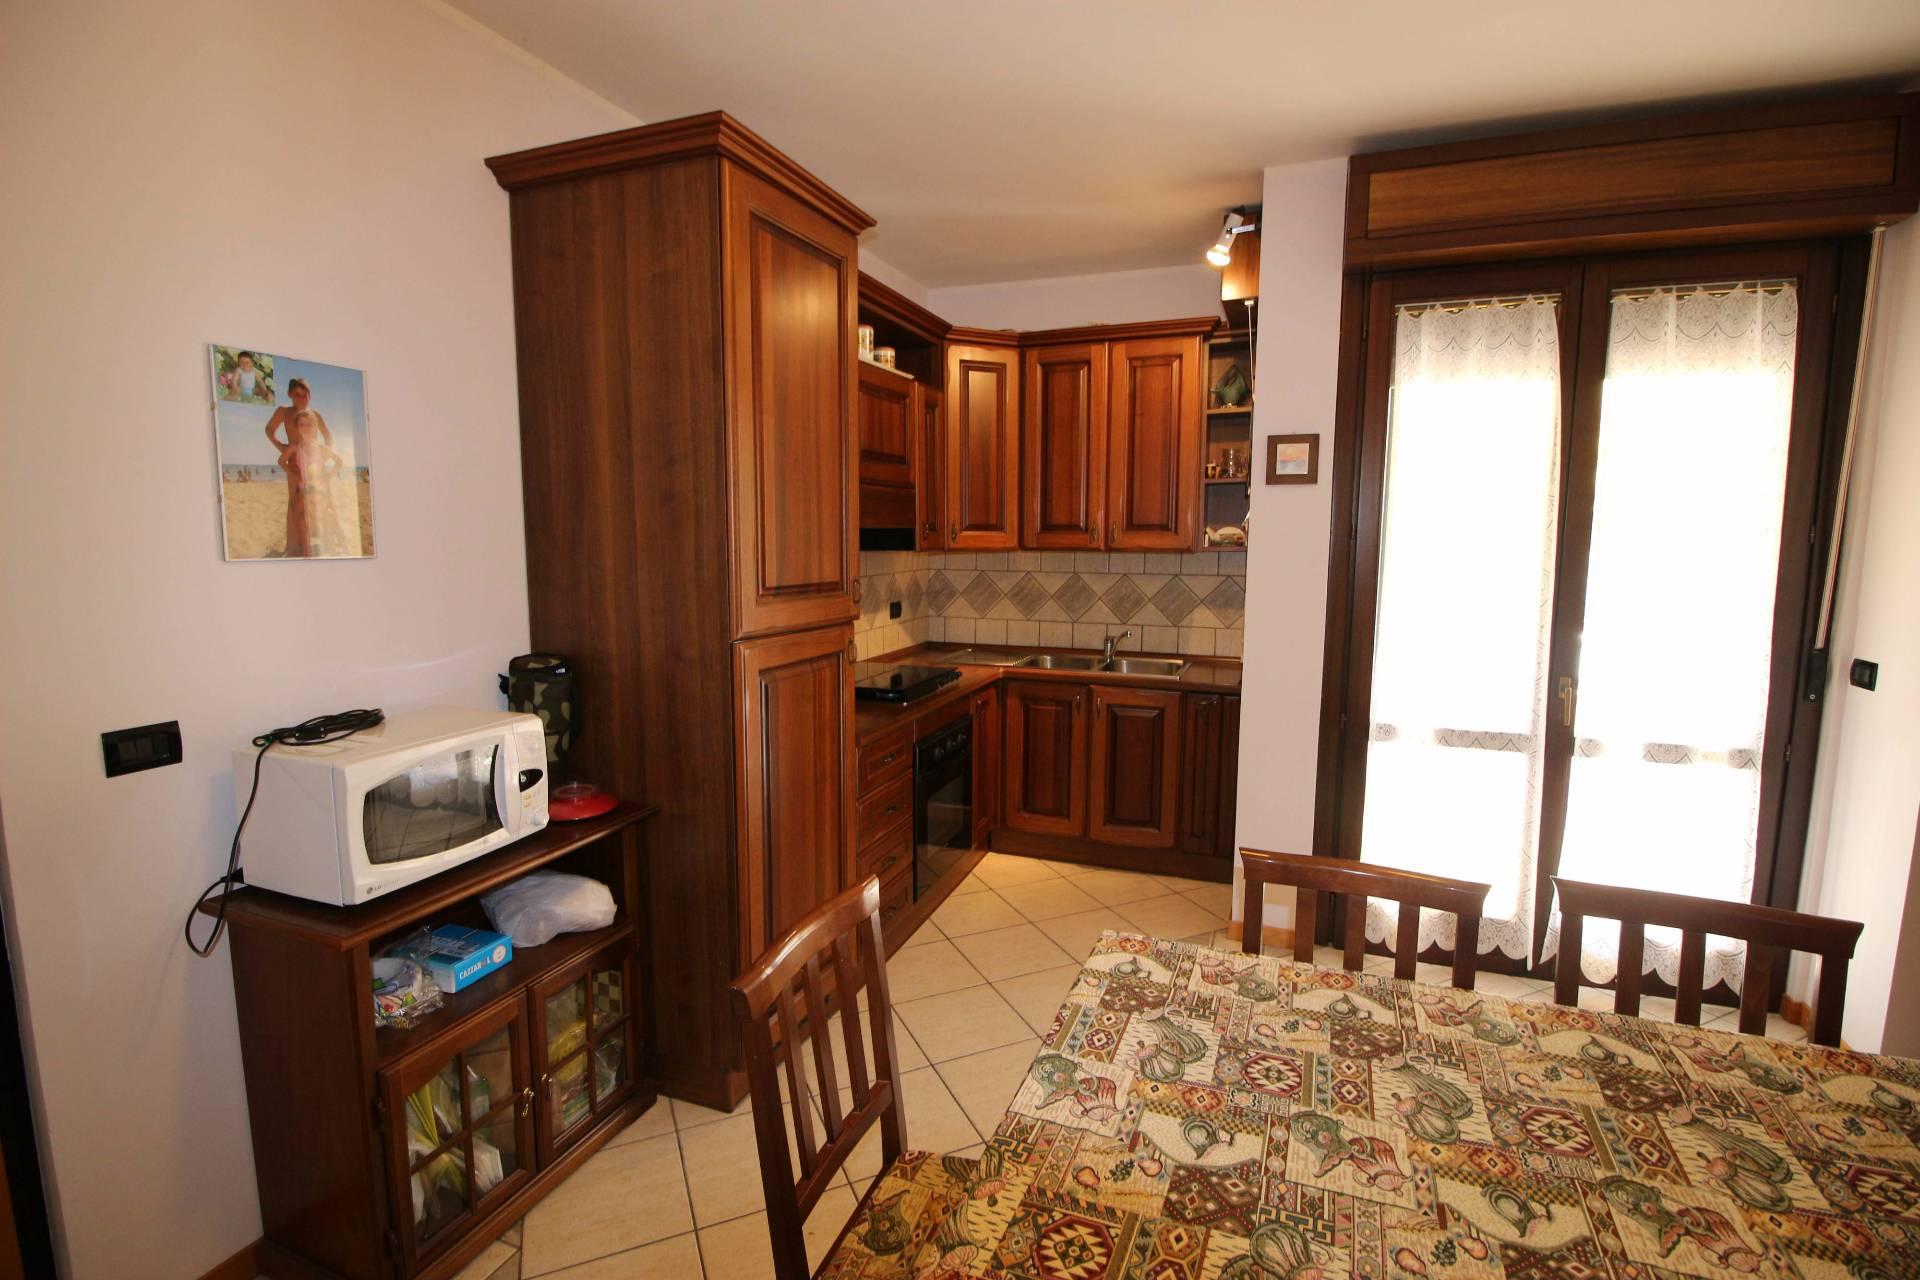 Appartamento in vendita a Tortoreto, 5 locali, zona Località: TortoretoLido, prezzo € 210.000 | Cambio Casa.it